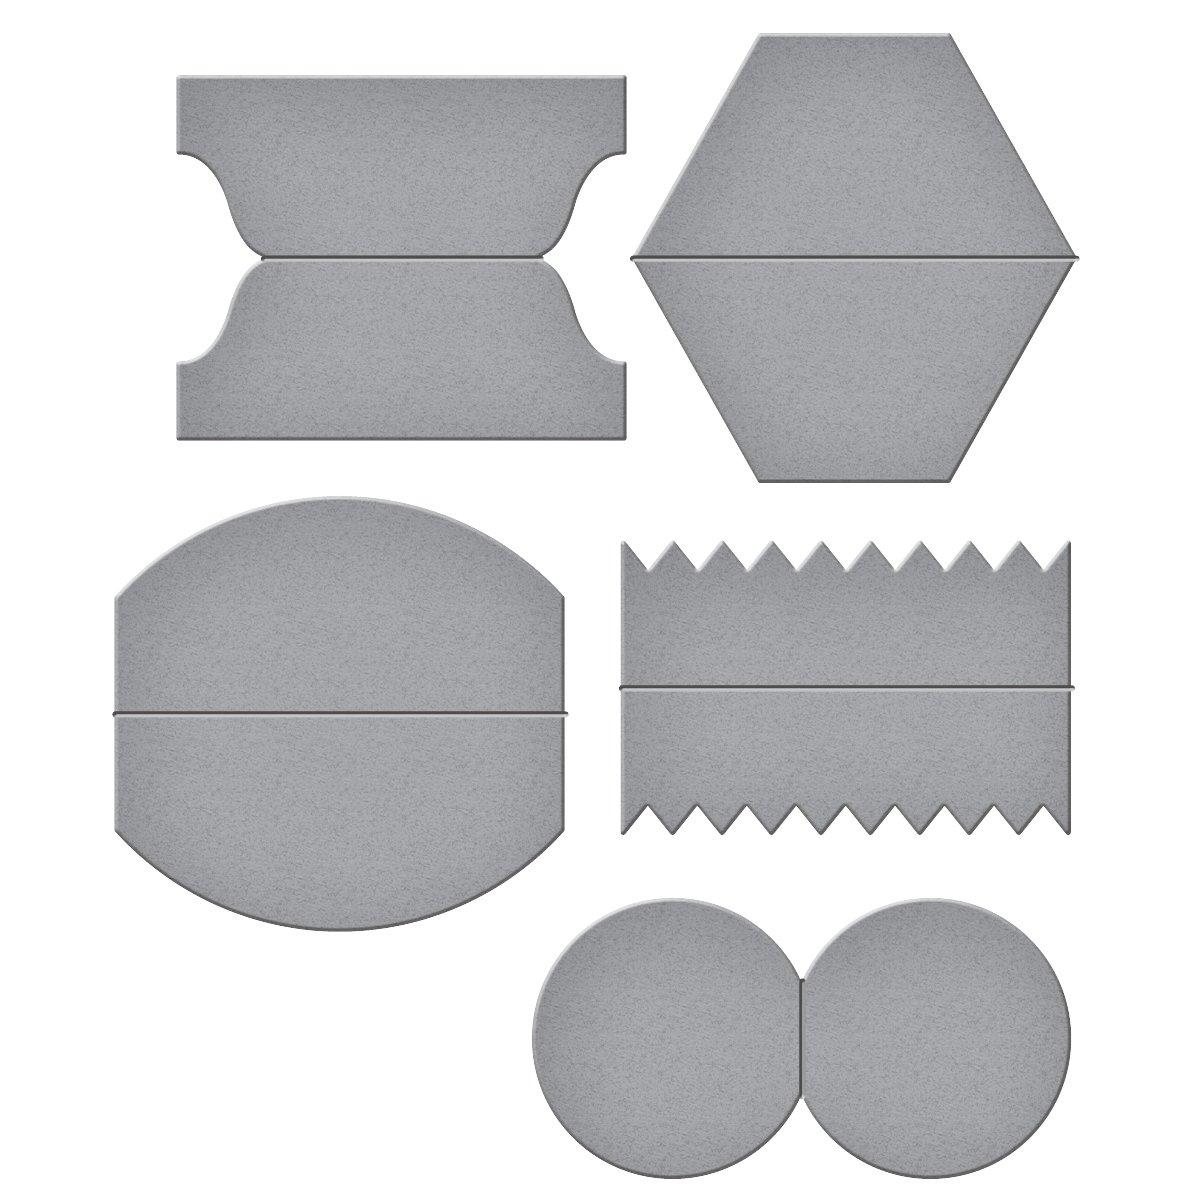 Spellbinders-Fustella a forma di abilità Tab Set One-Fustella, in metallo, colore: marrone S4-633